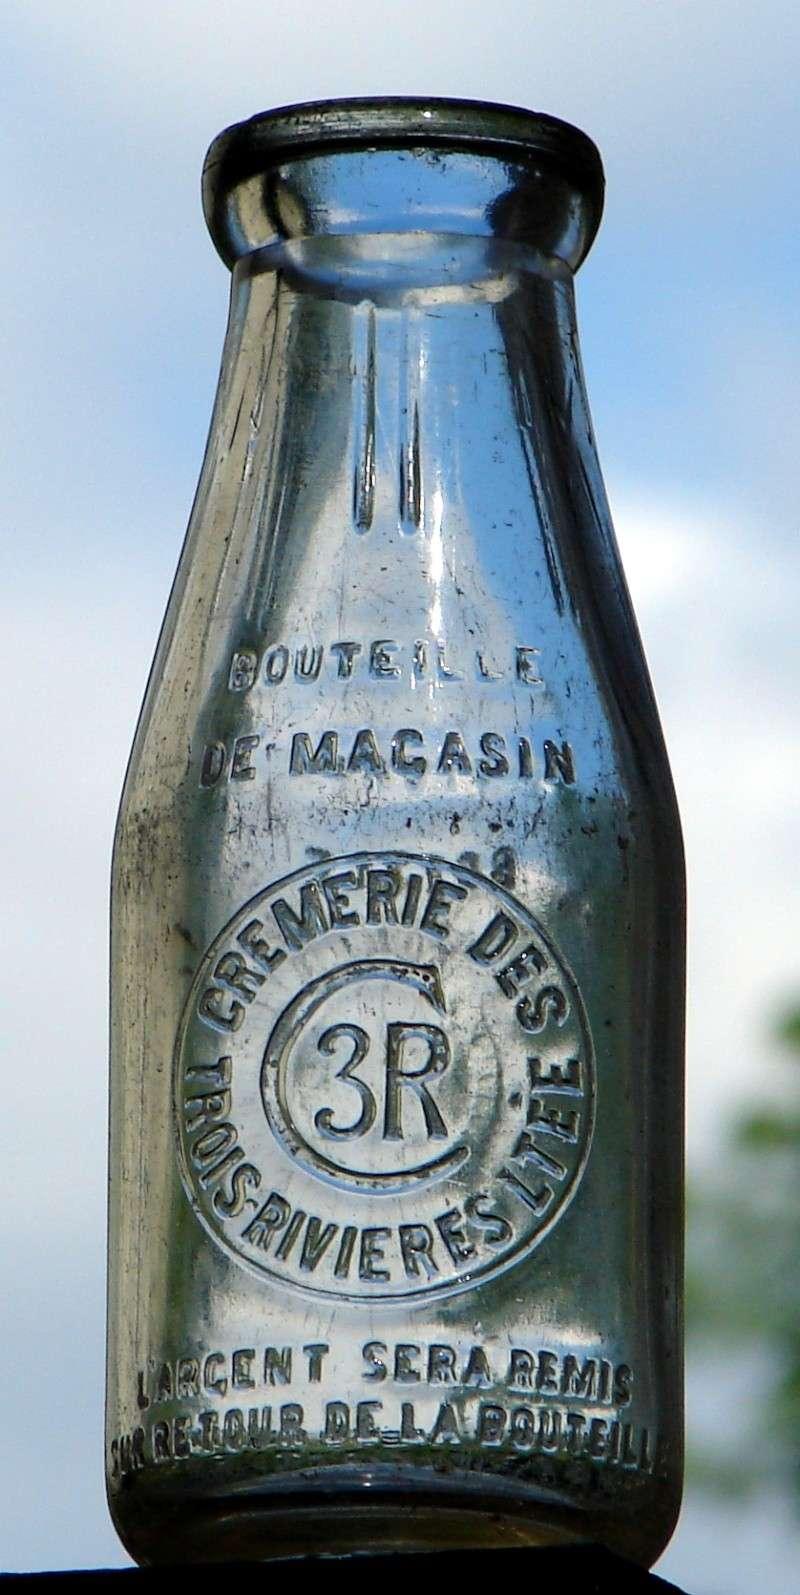 Soumission pour le concours de la bouteille sauvage 1er août - 30 septembre Cremer10